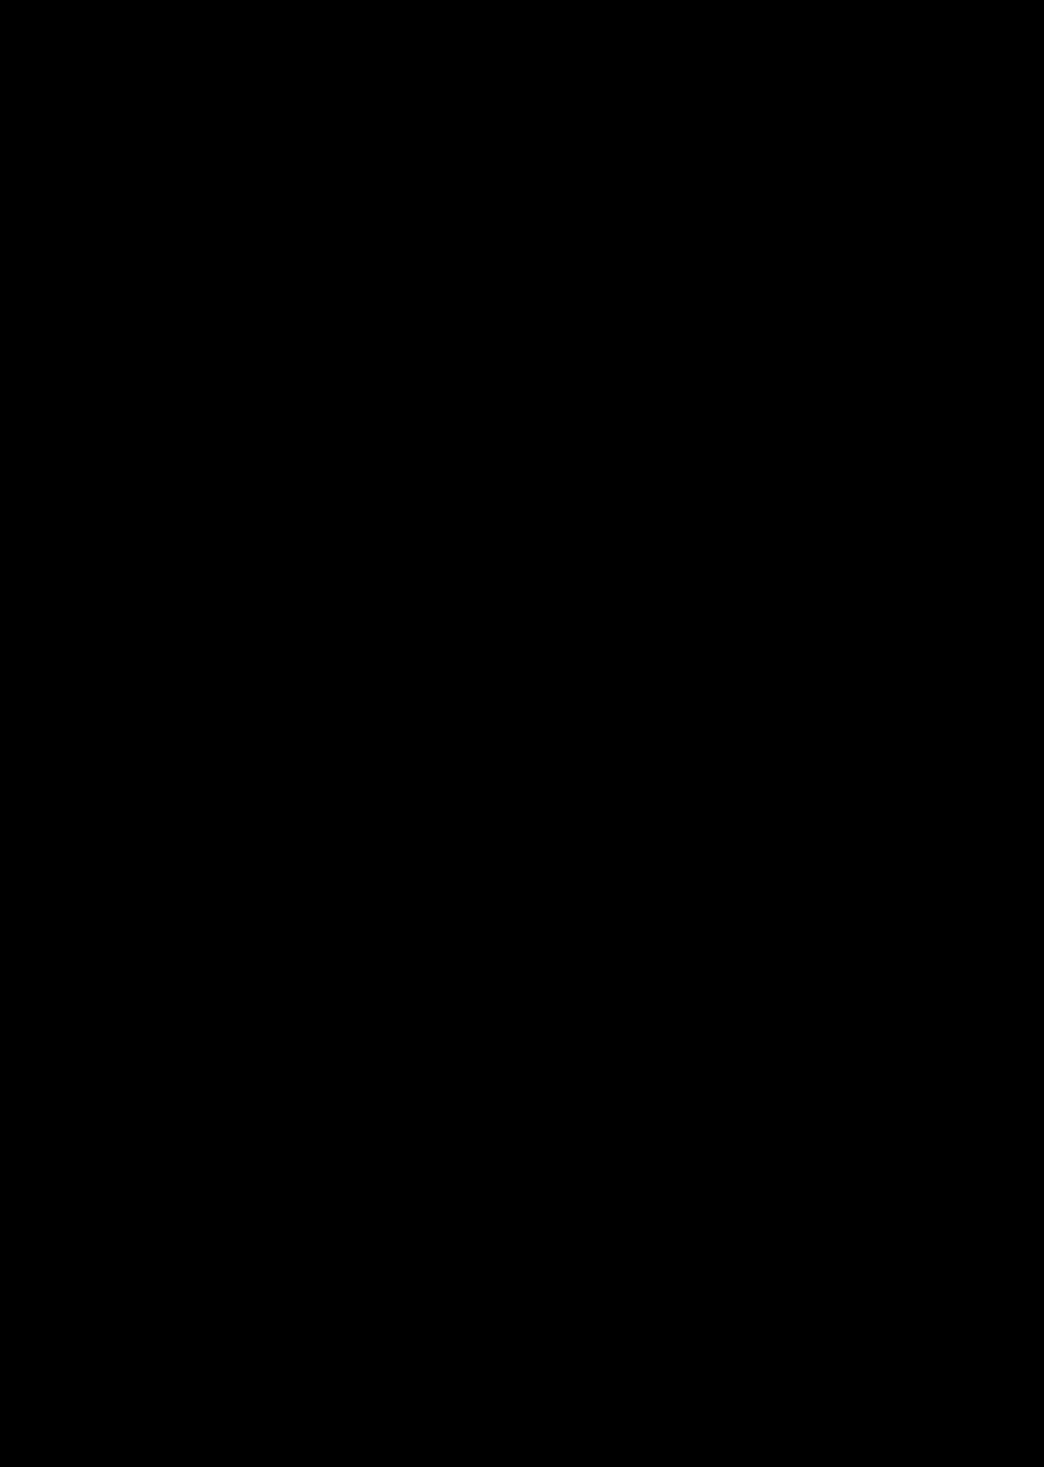 схема вкппппплючения электродвигателя через пускатель